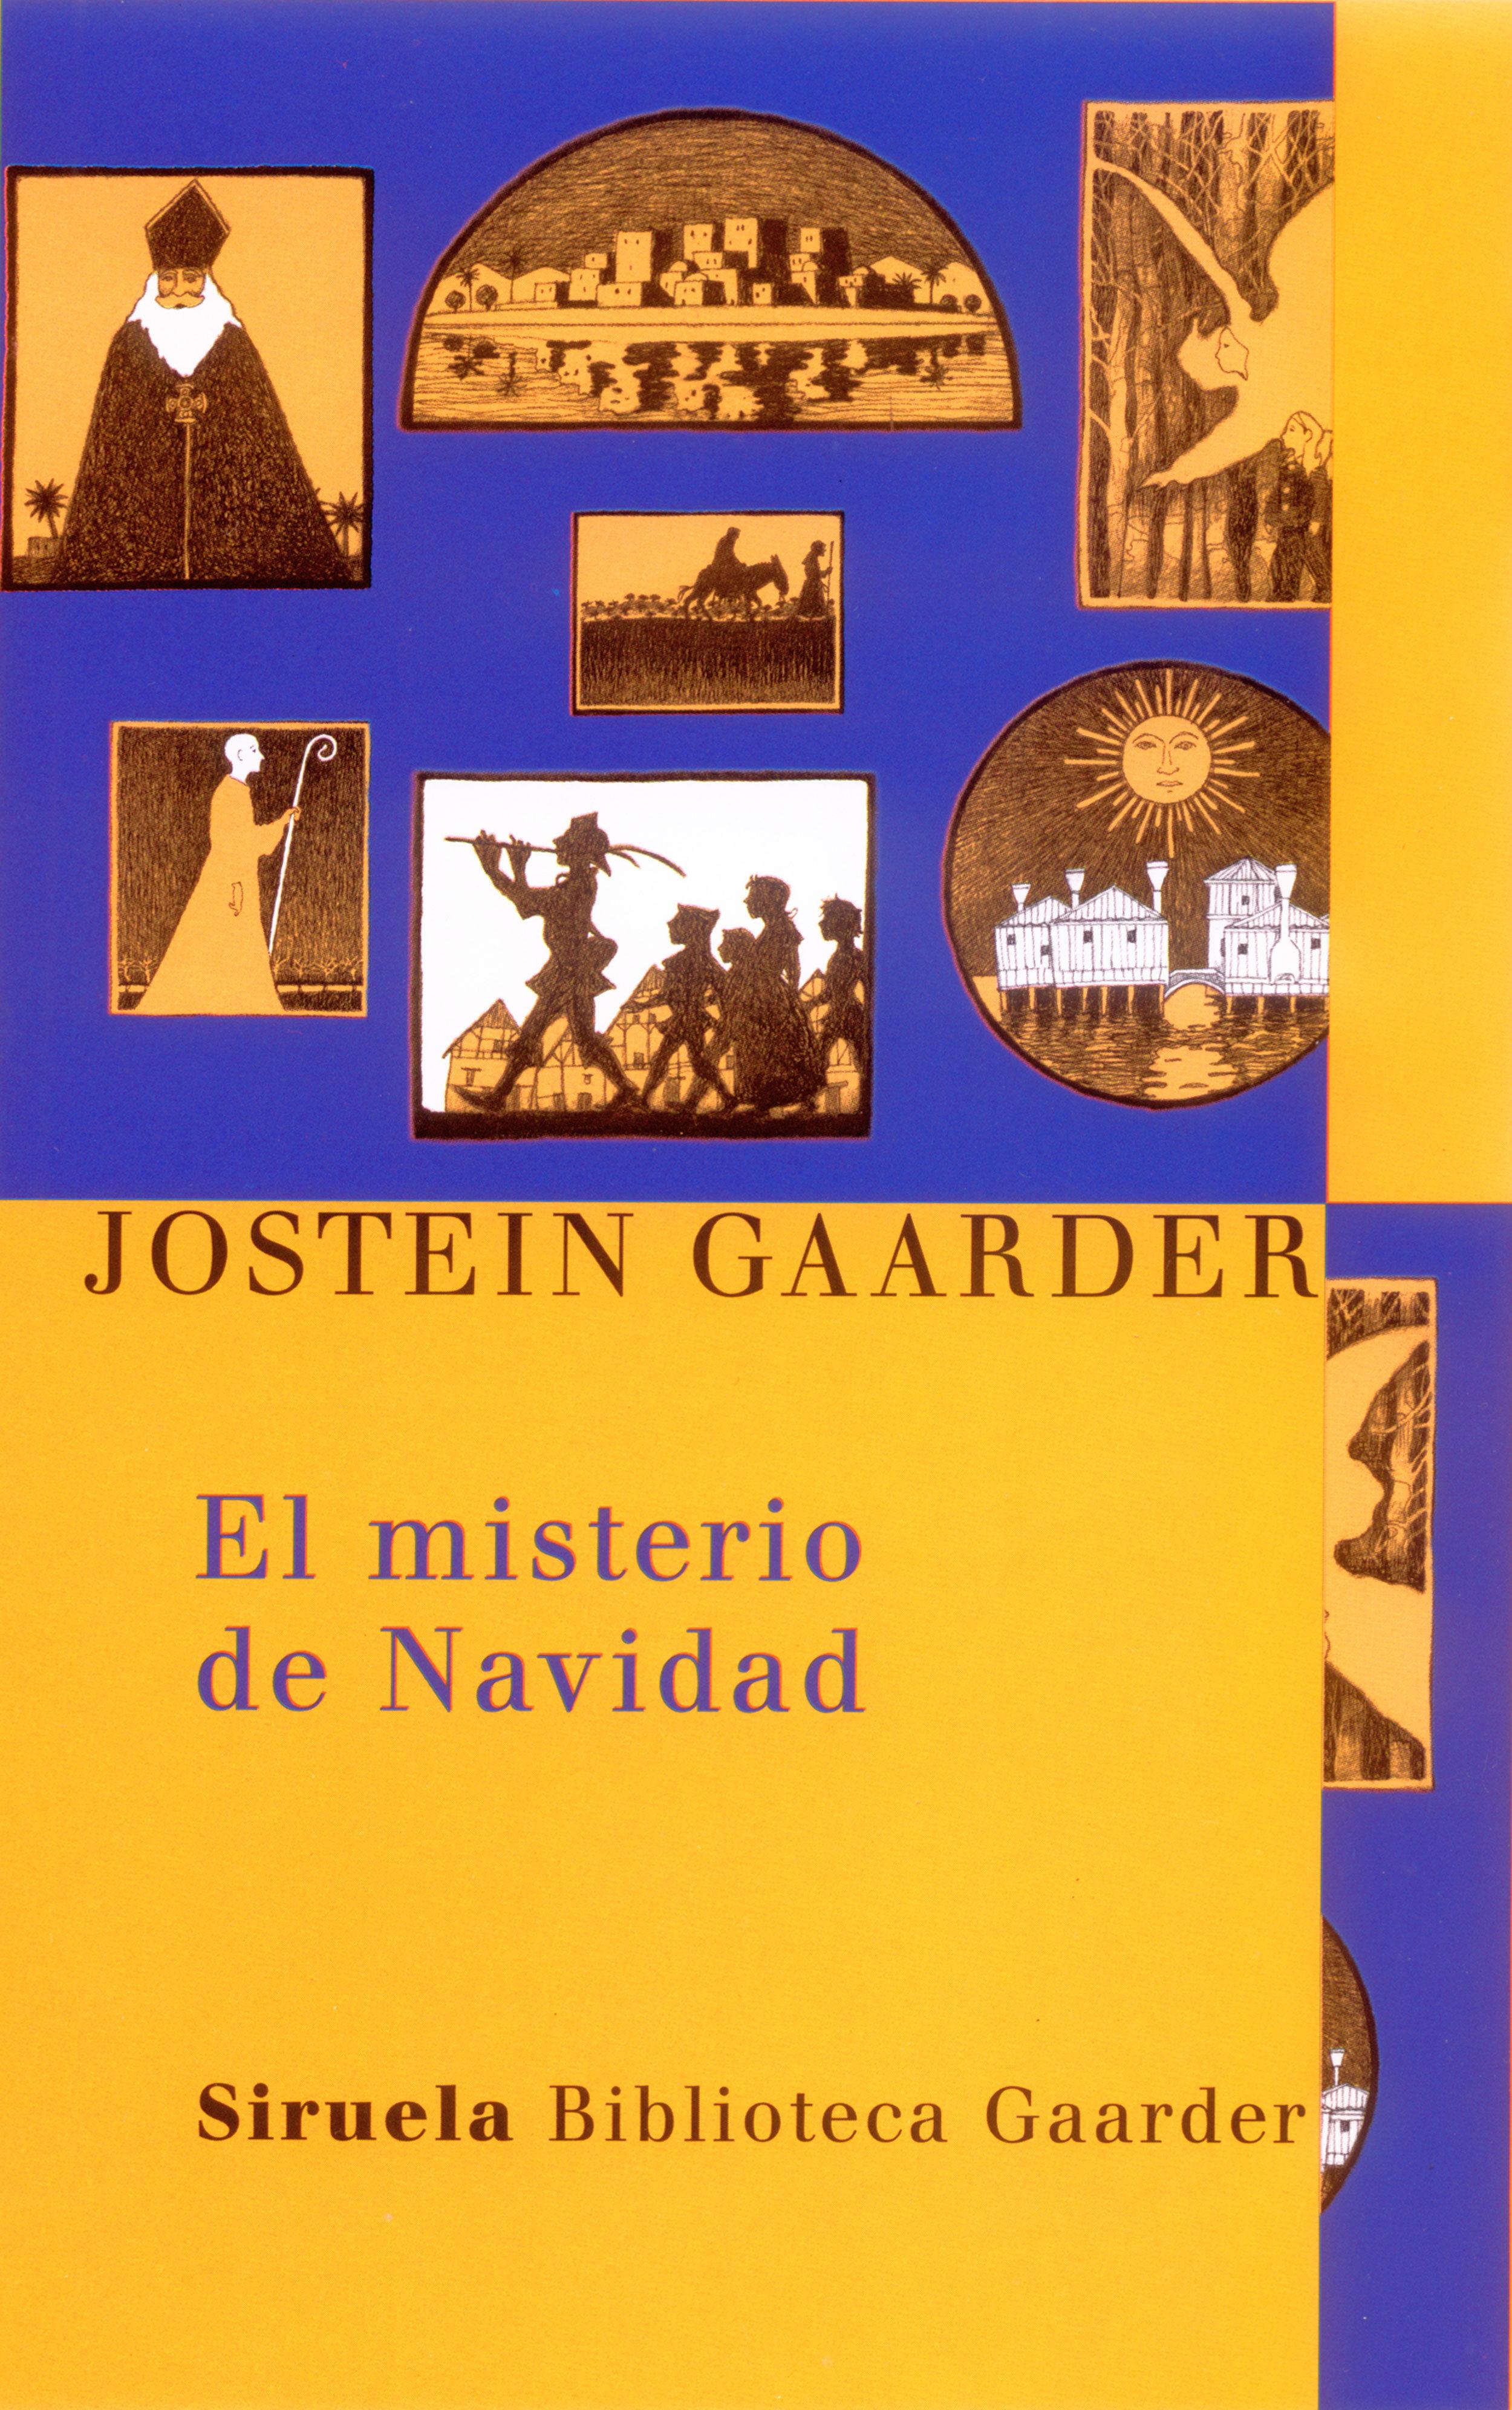 El Misterio De Navidad por Jostein Gaarder